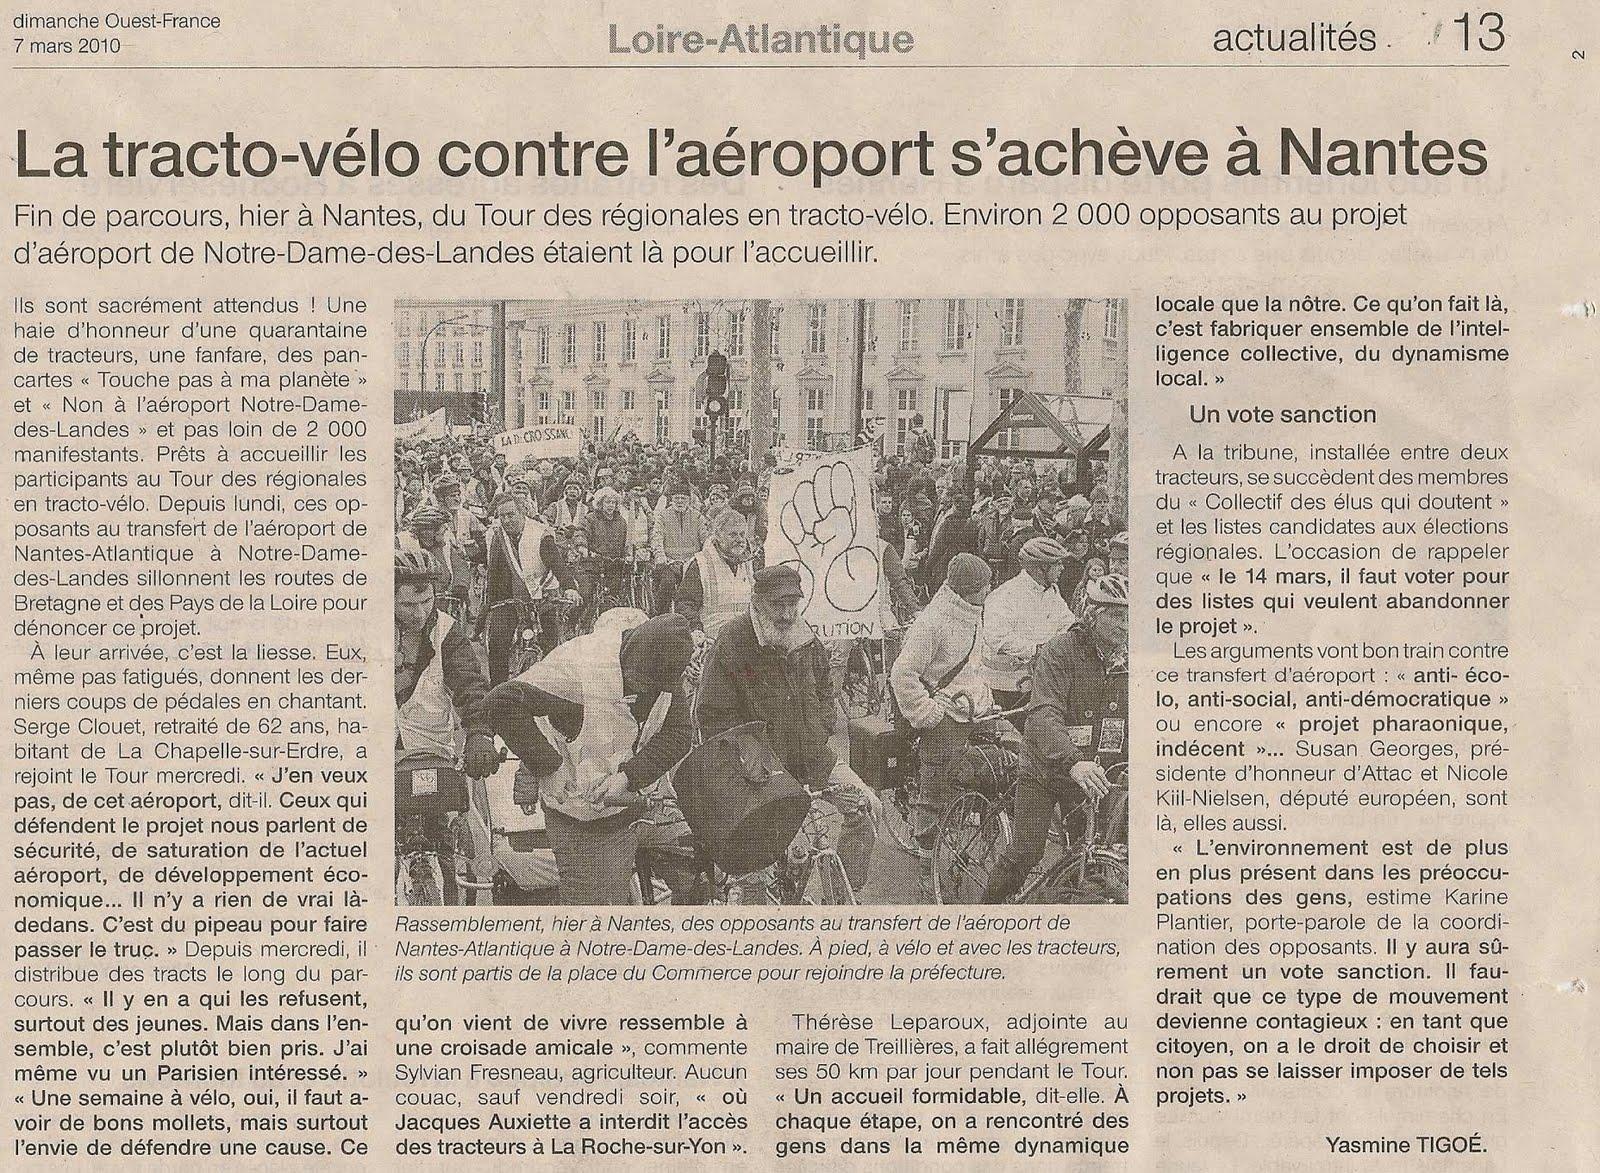 [Ouest+France+Dimanche+07.03]